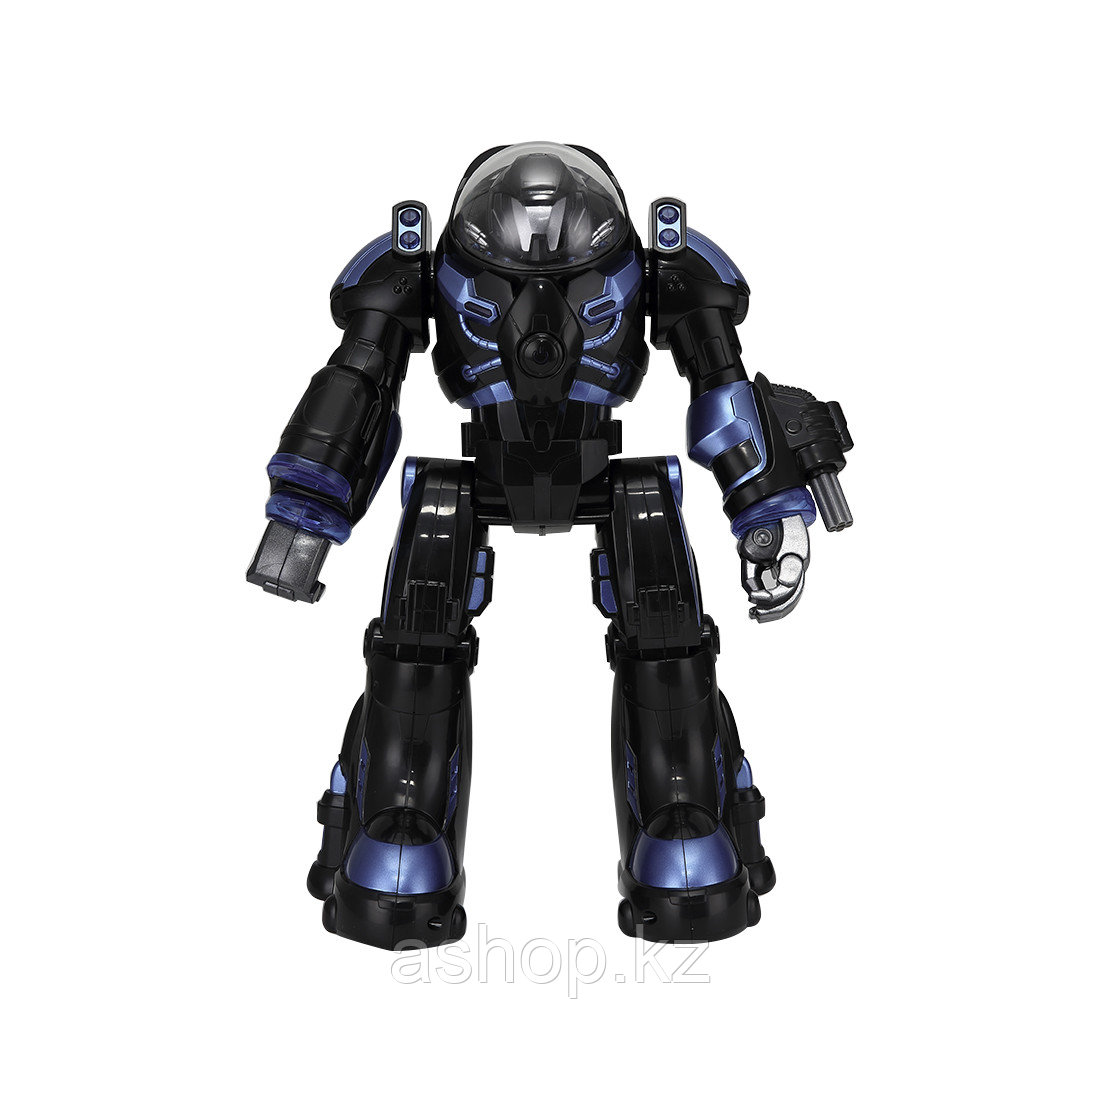 Робот радиоуправляемый Rastar Robot, Управление: Пульт дистанционного управления - 2,4ГГц, Цвет: Чёрный, (7690